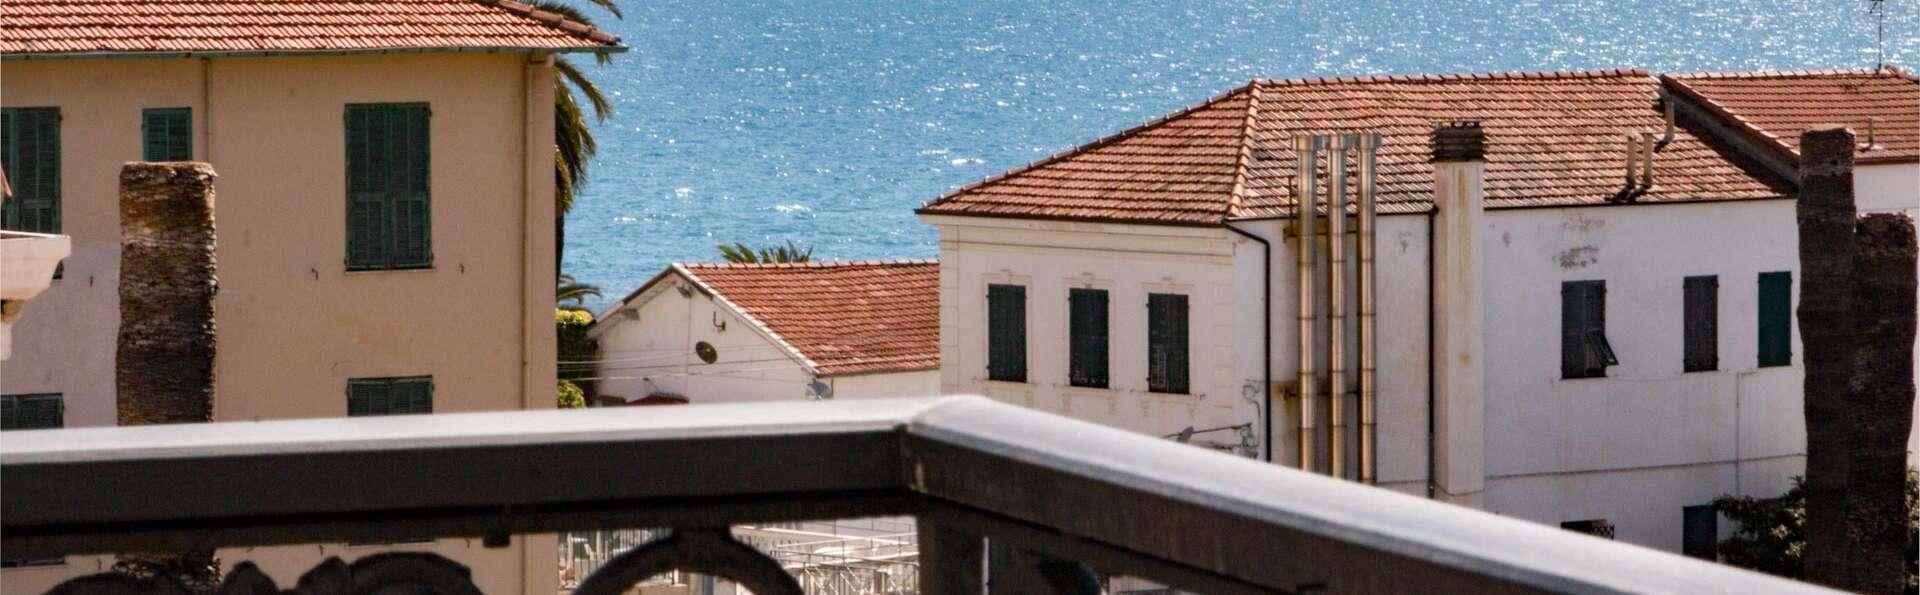 Pause détente à Sanremo, dans une chambre avec vue sur la mer !